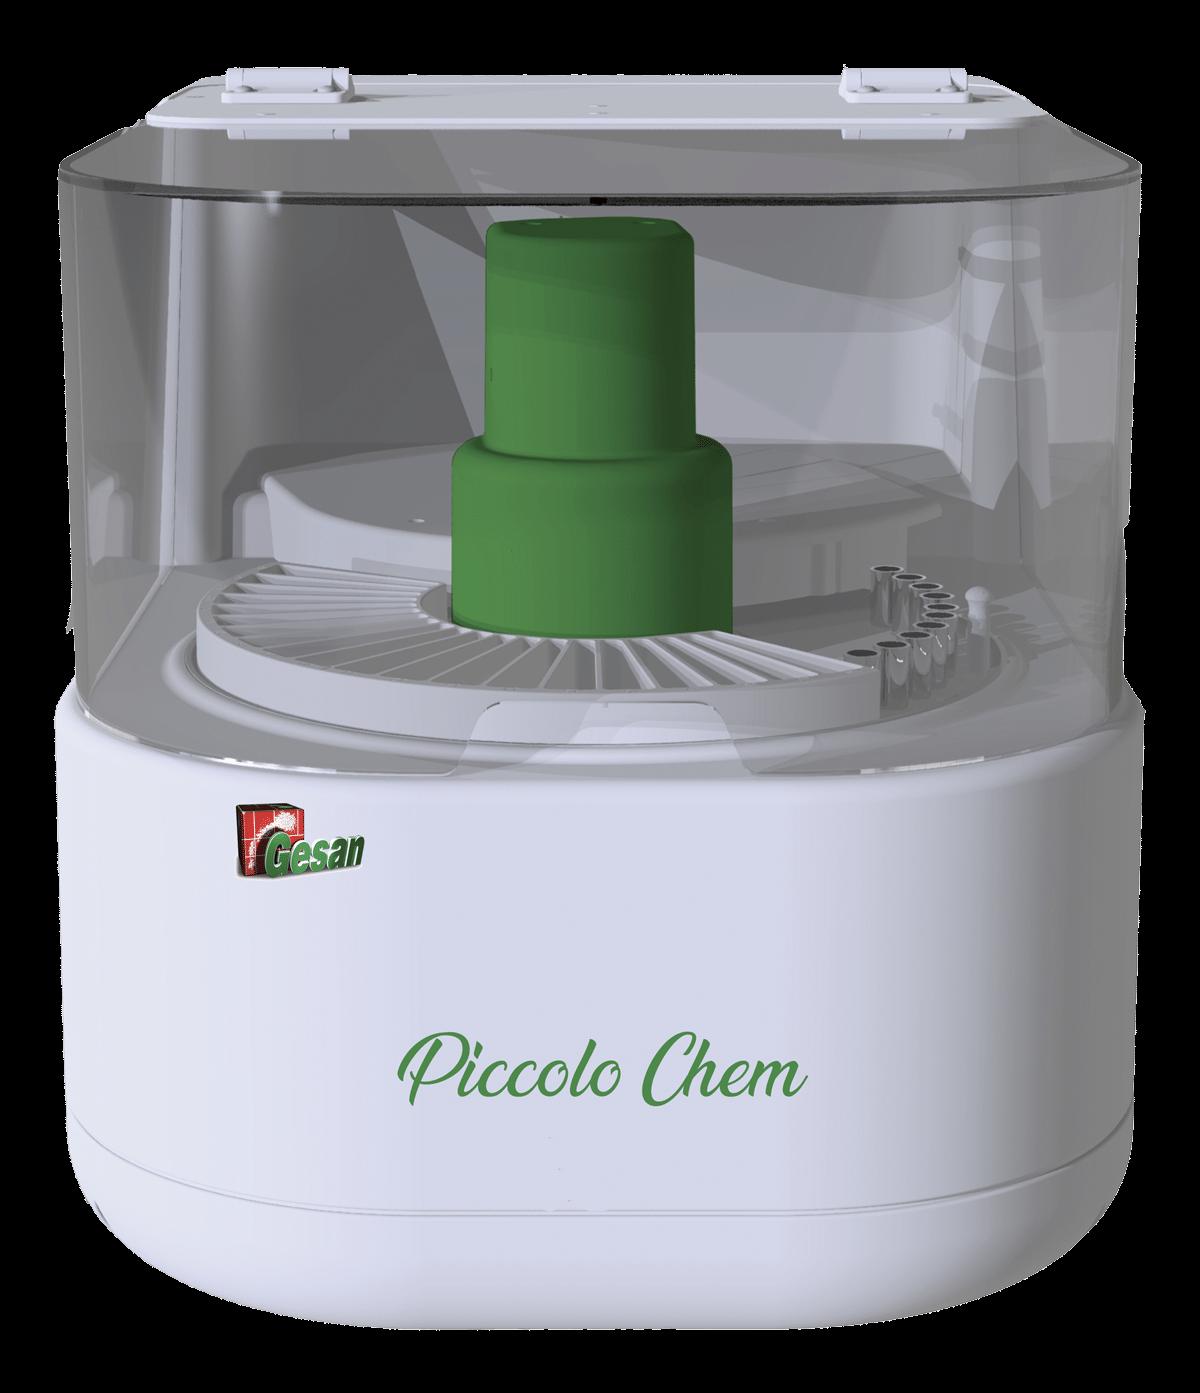 PICCOLO-CHEM-GESAN-2019